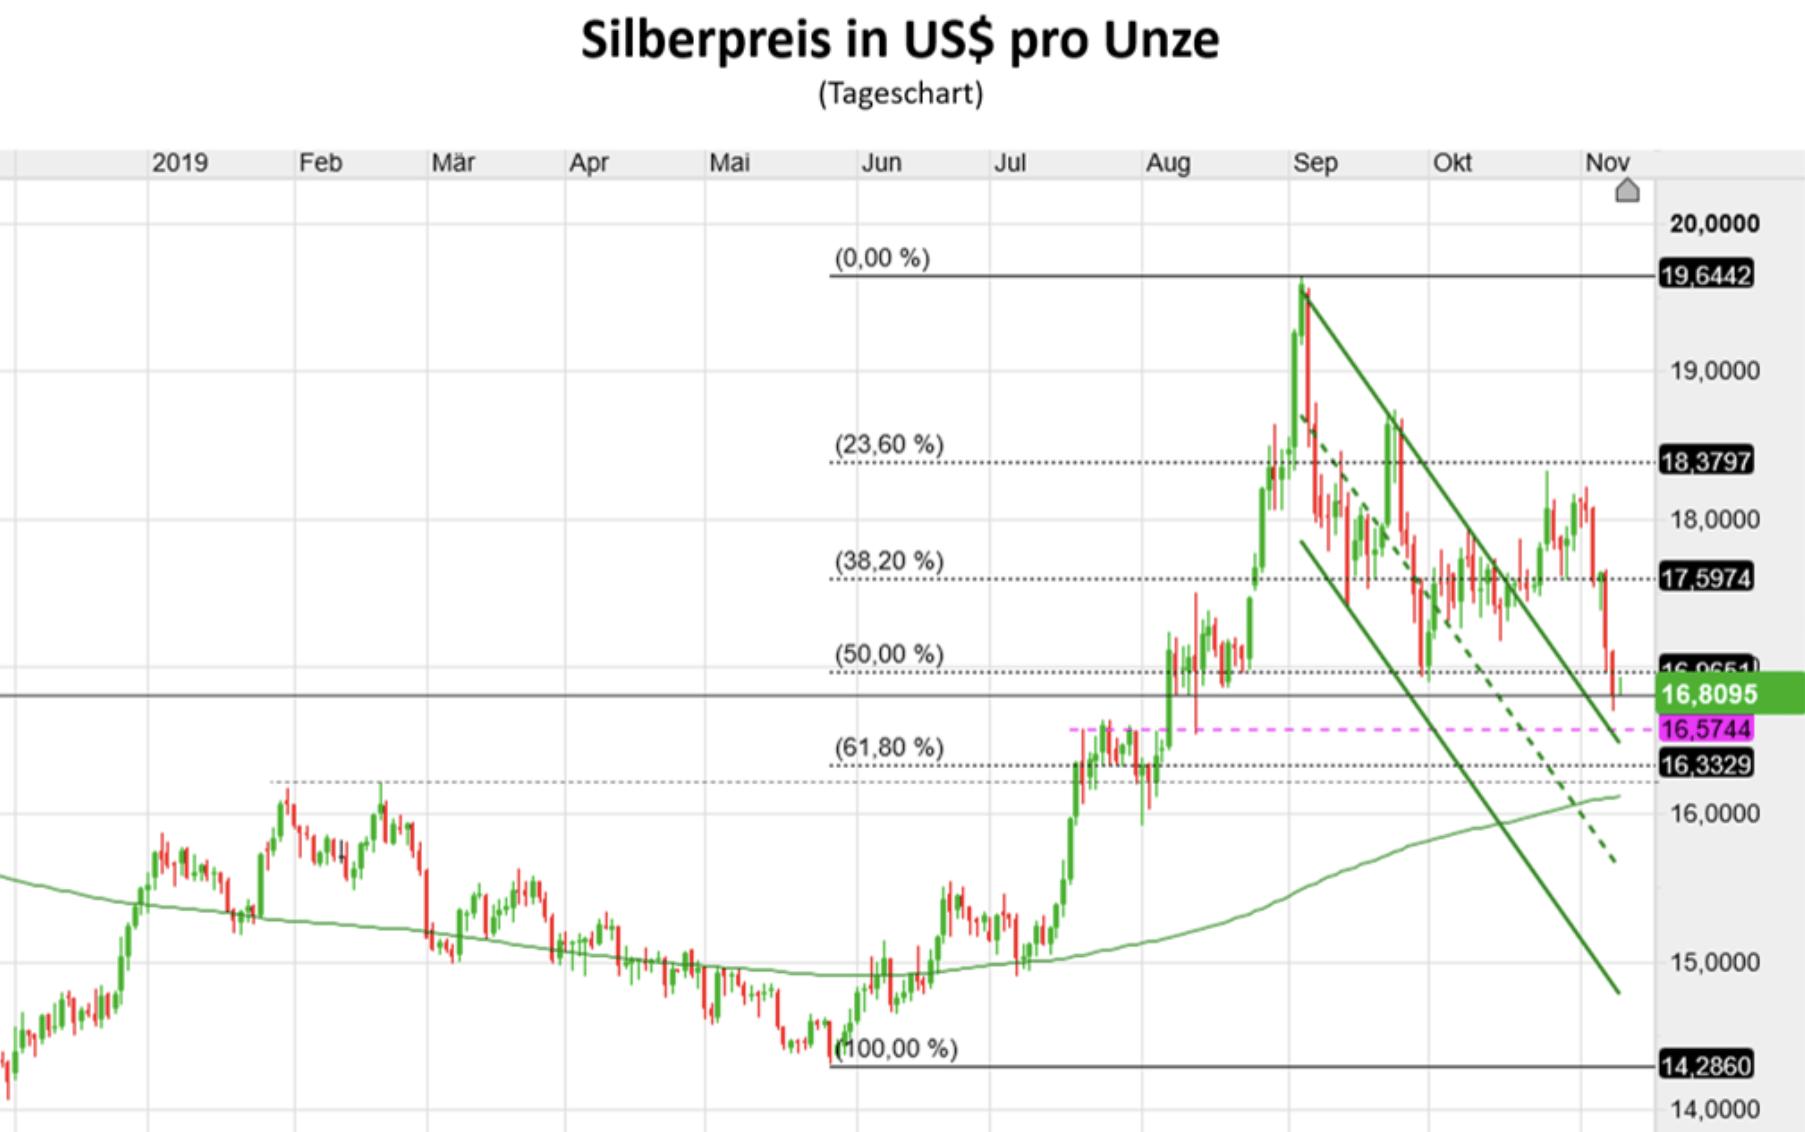 Silberpreis pro Unze in US-Dollar Chart